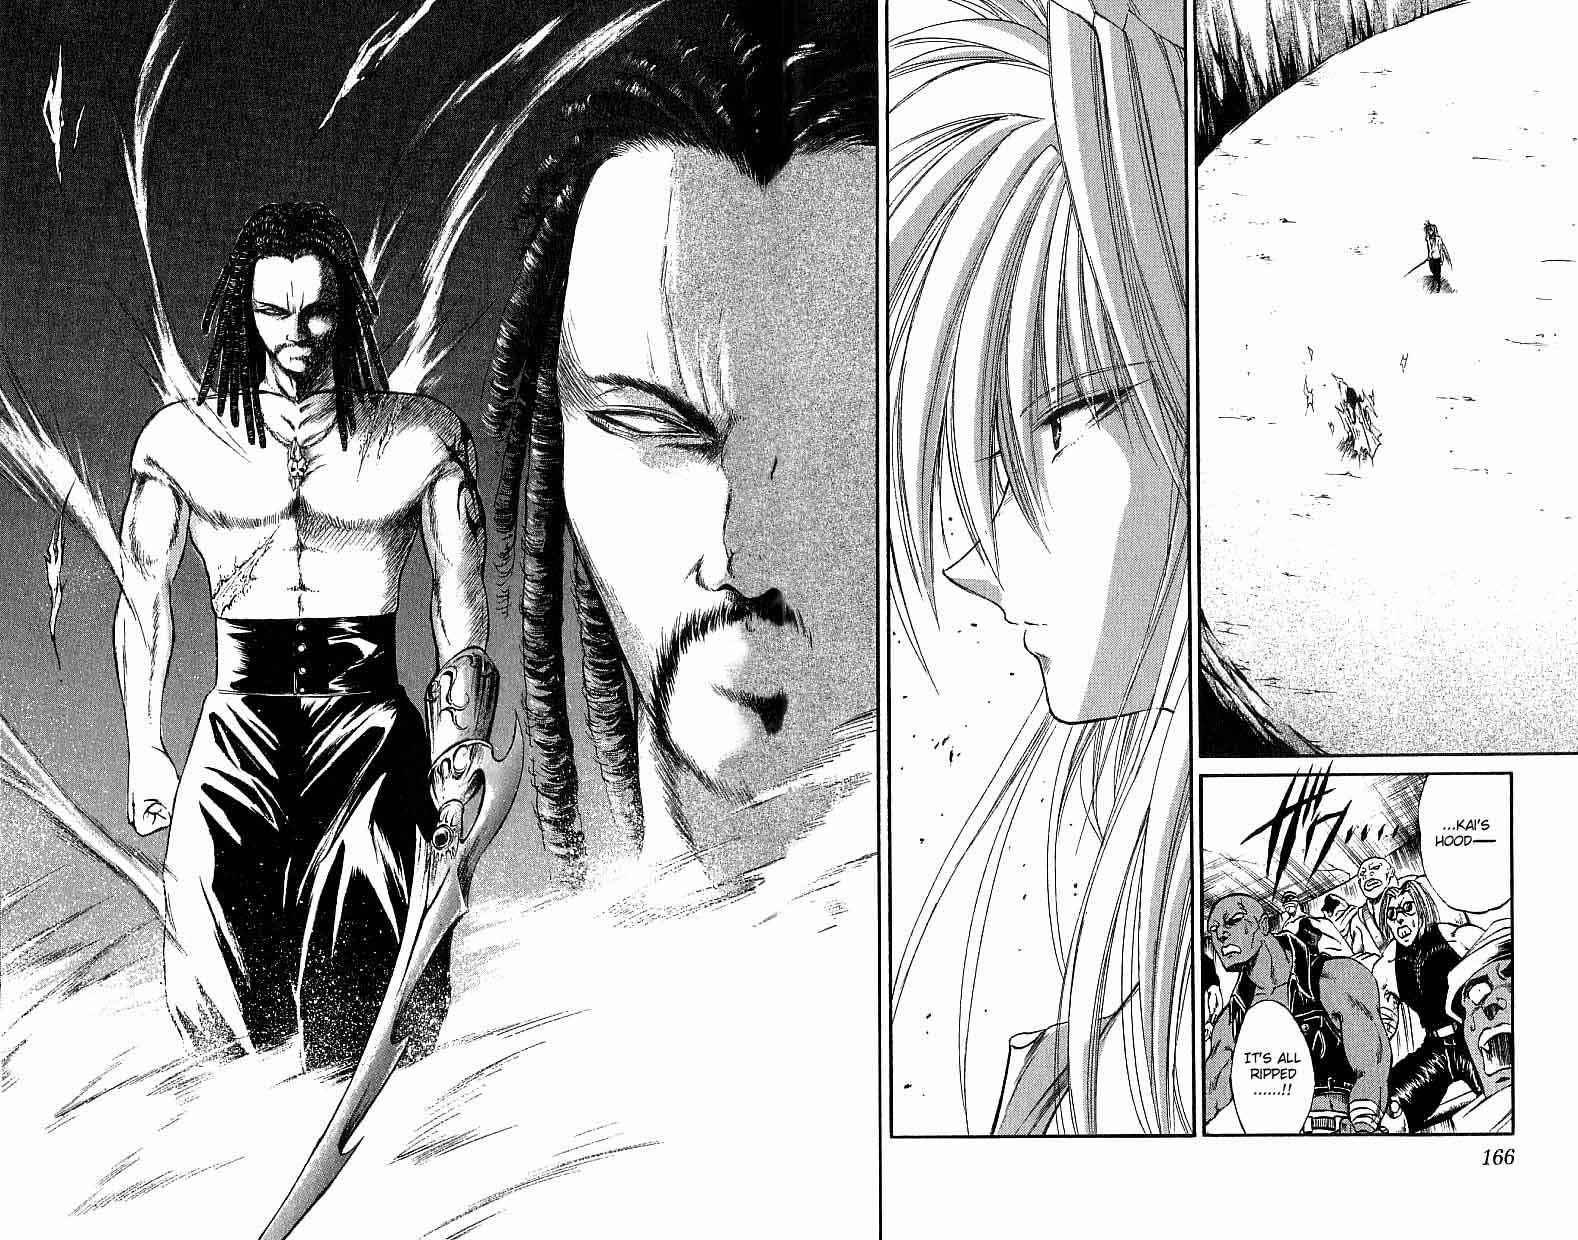 Deretan Manga Tahun 2000-an yang Terkenal Pada Masanya 7